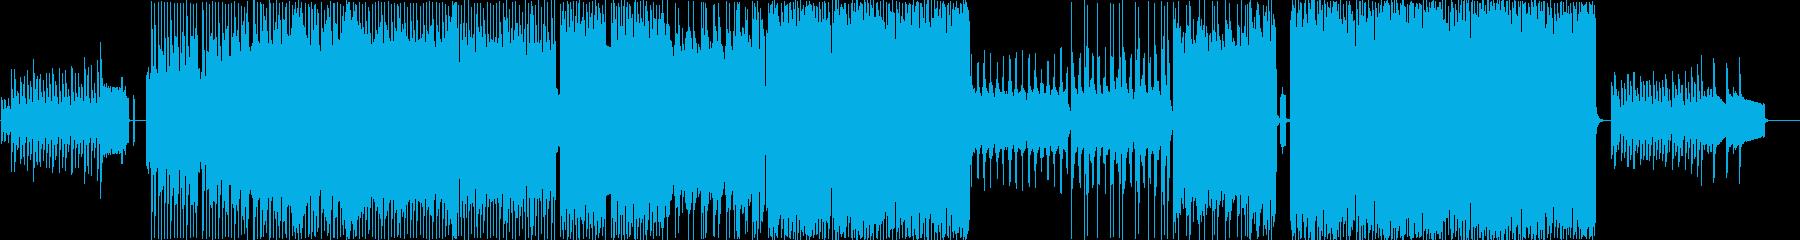 疾走感のあるノリノリなピコピコ曲の再生済みの波形